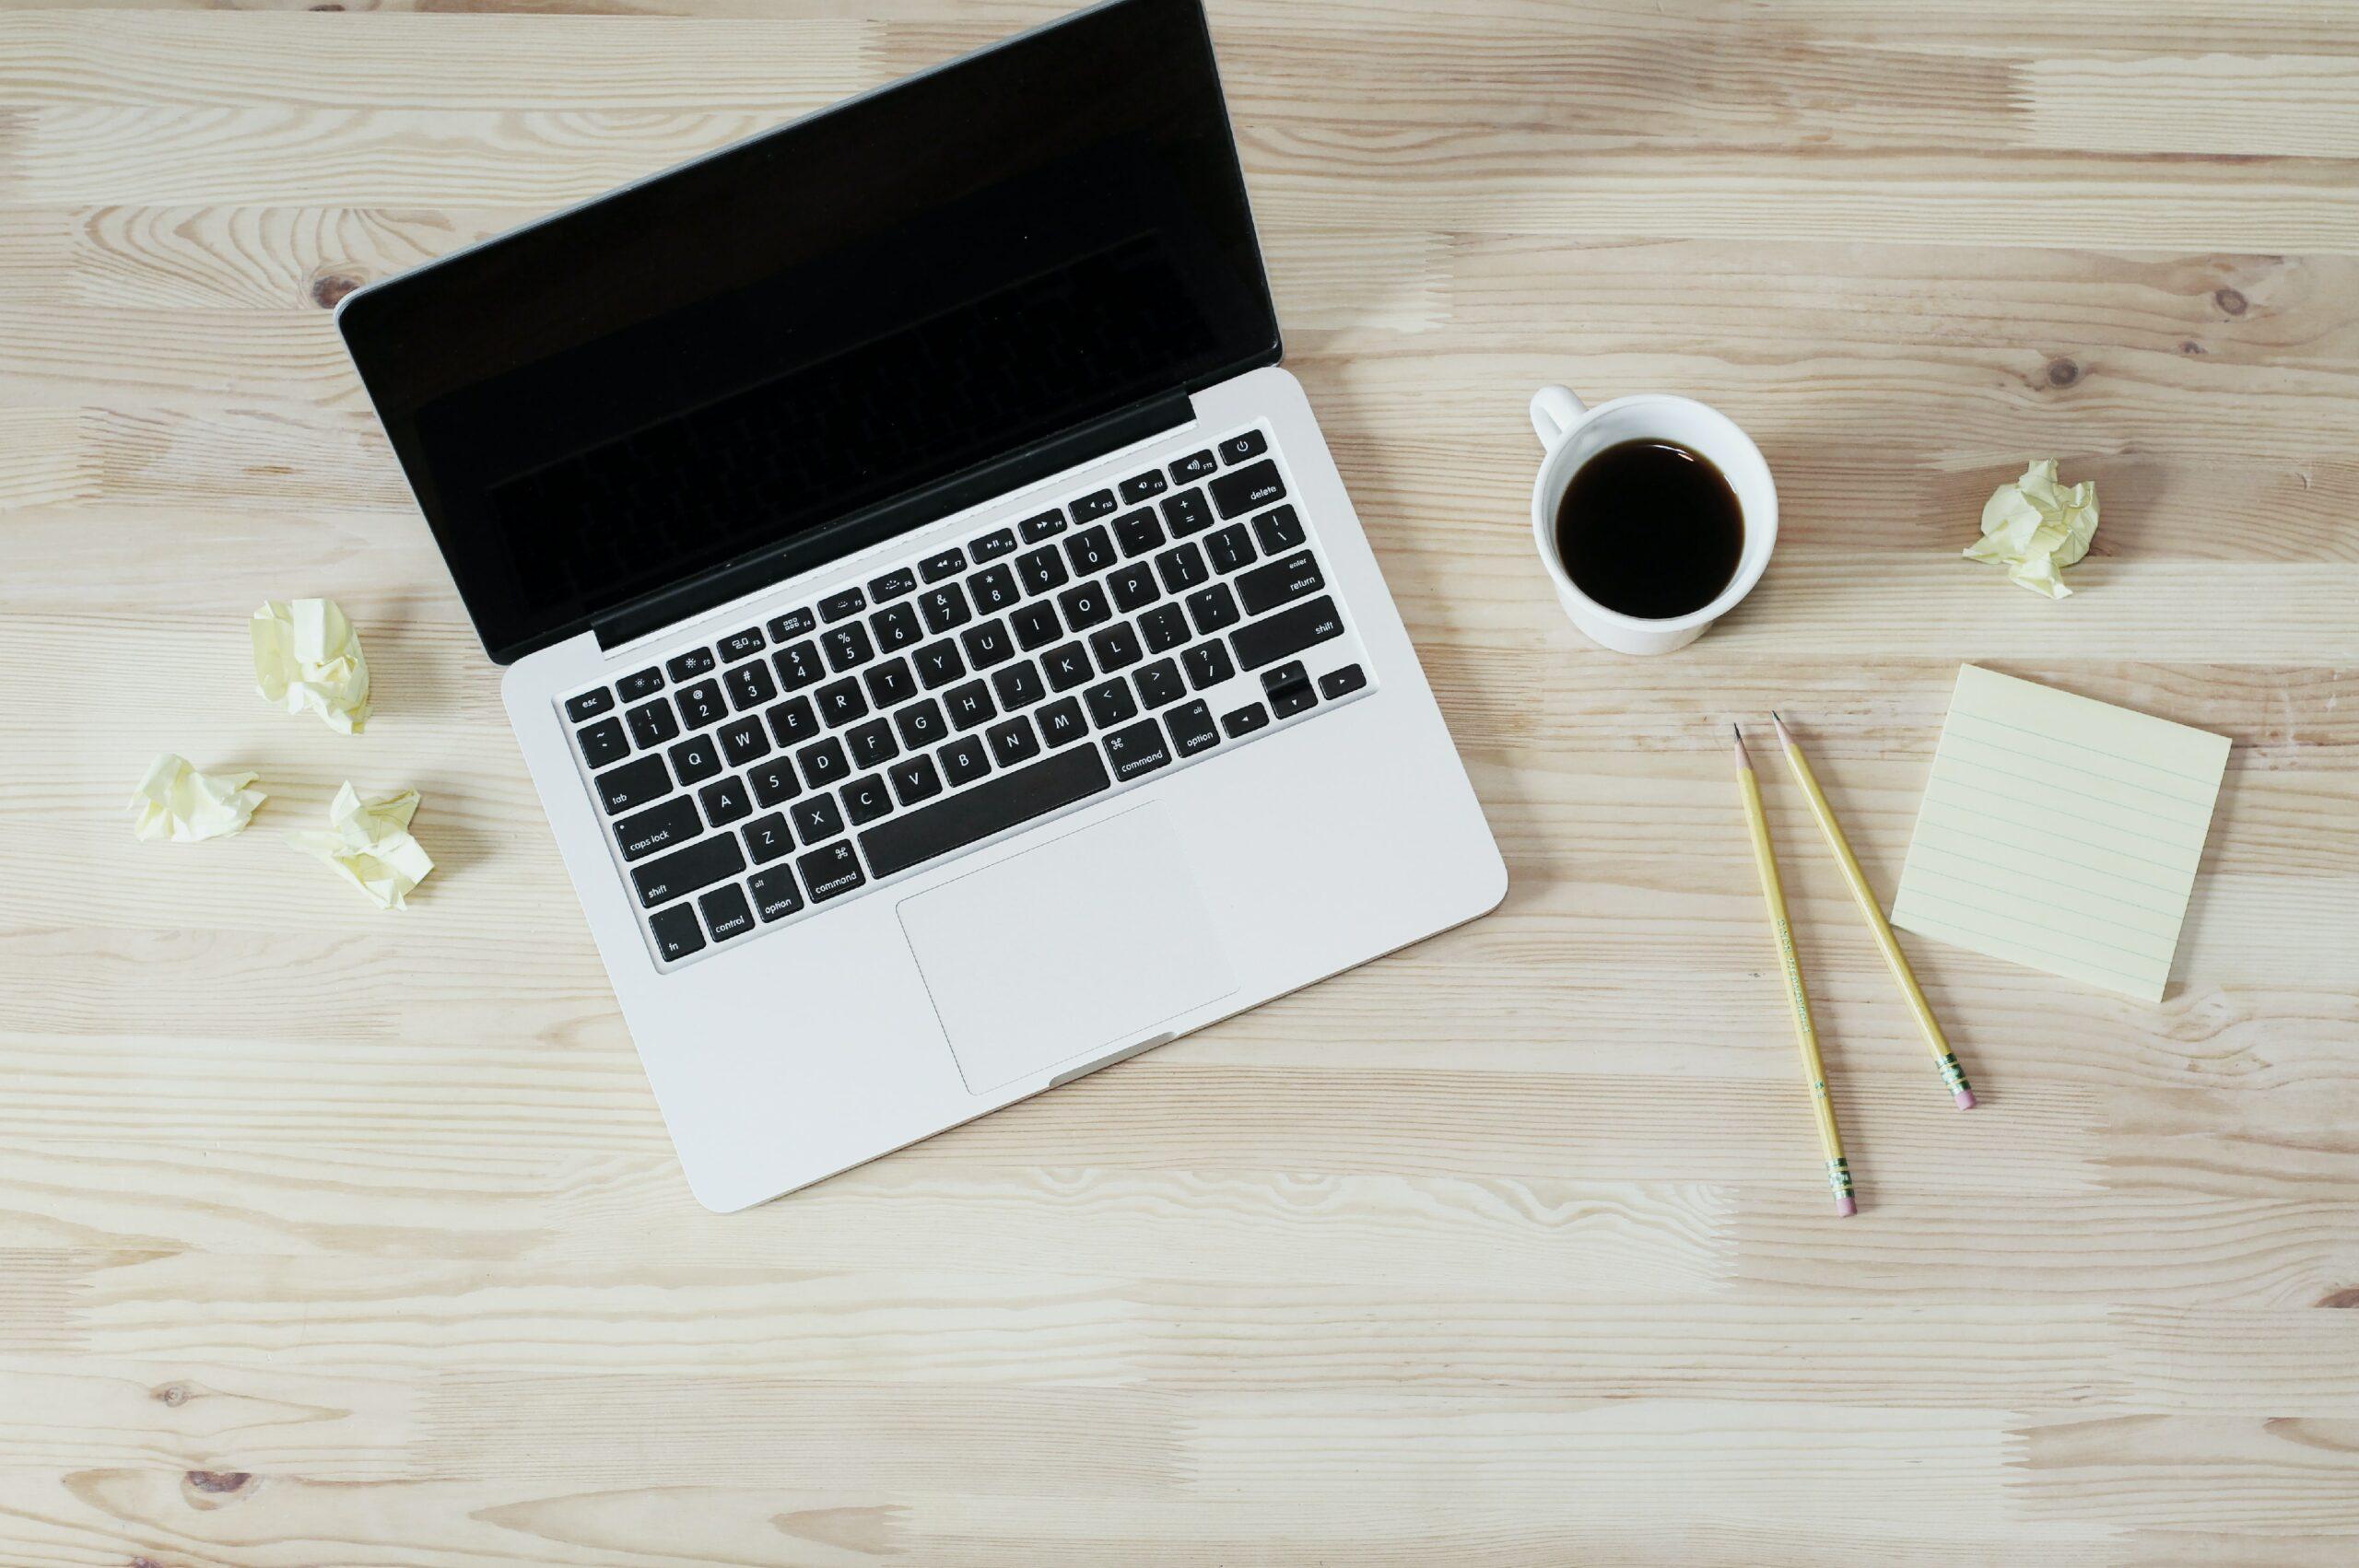 Laptop met aantekeningen